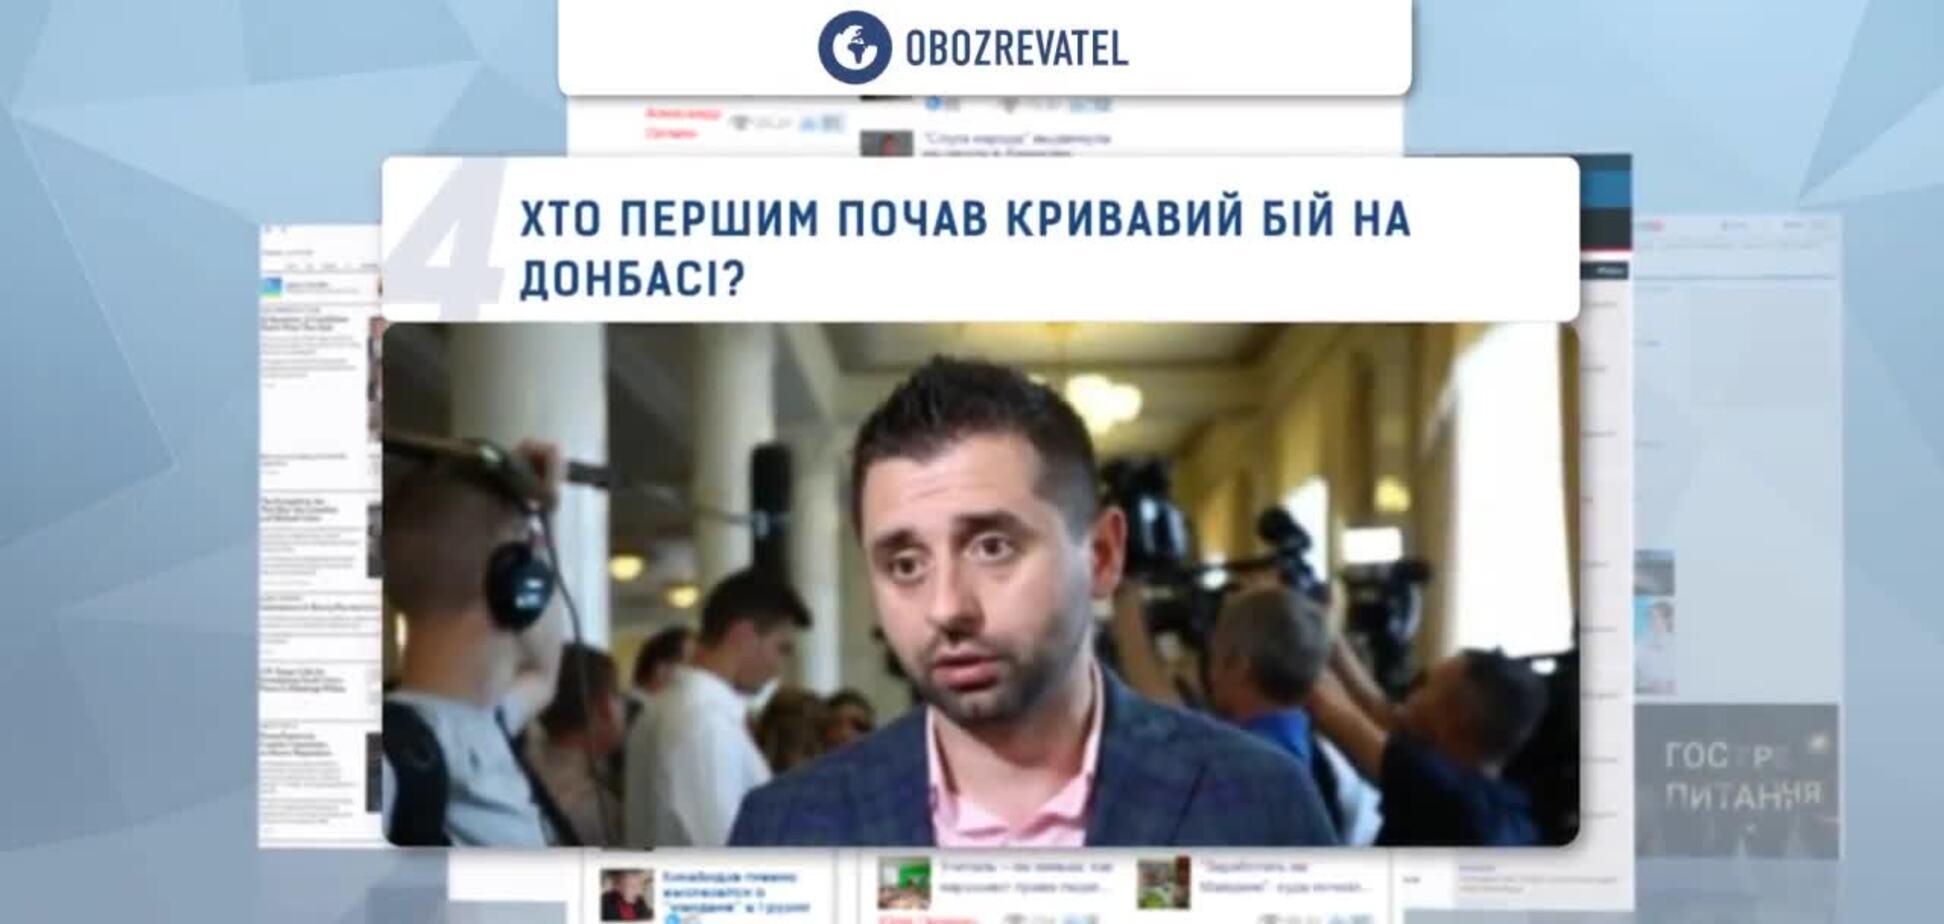 TOP 5 NEWS 19.02.2020